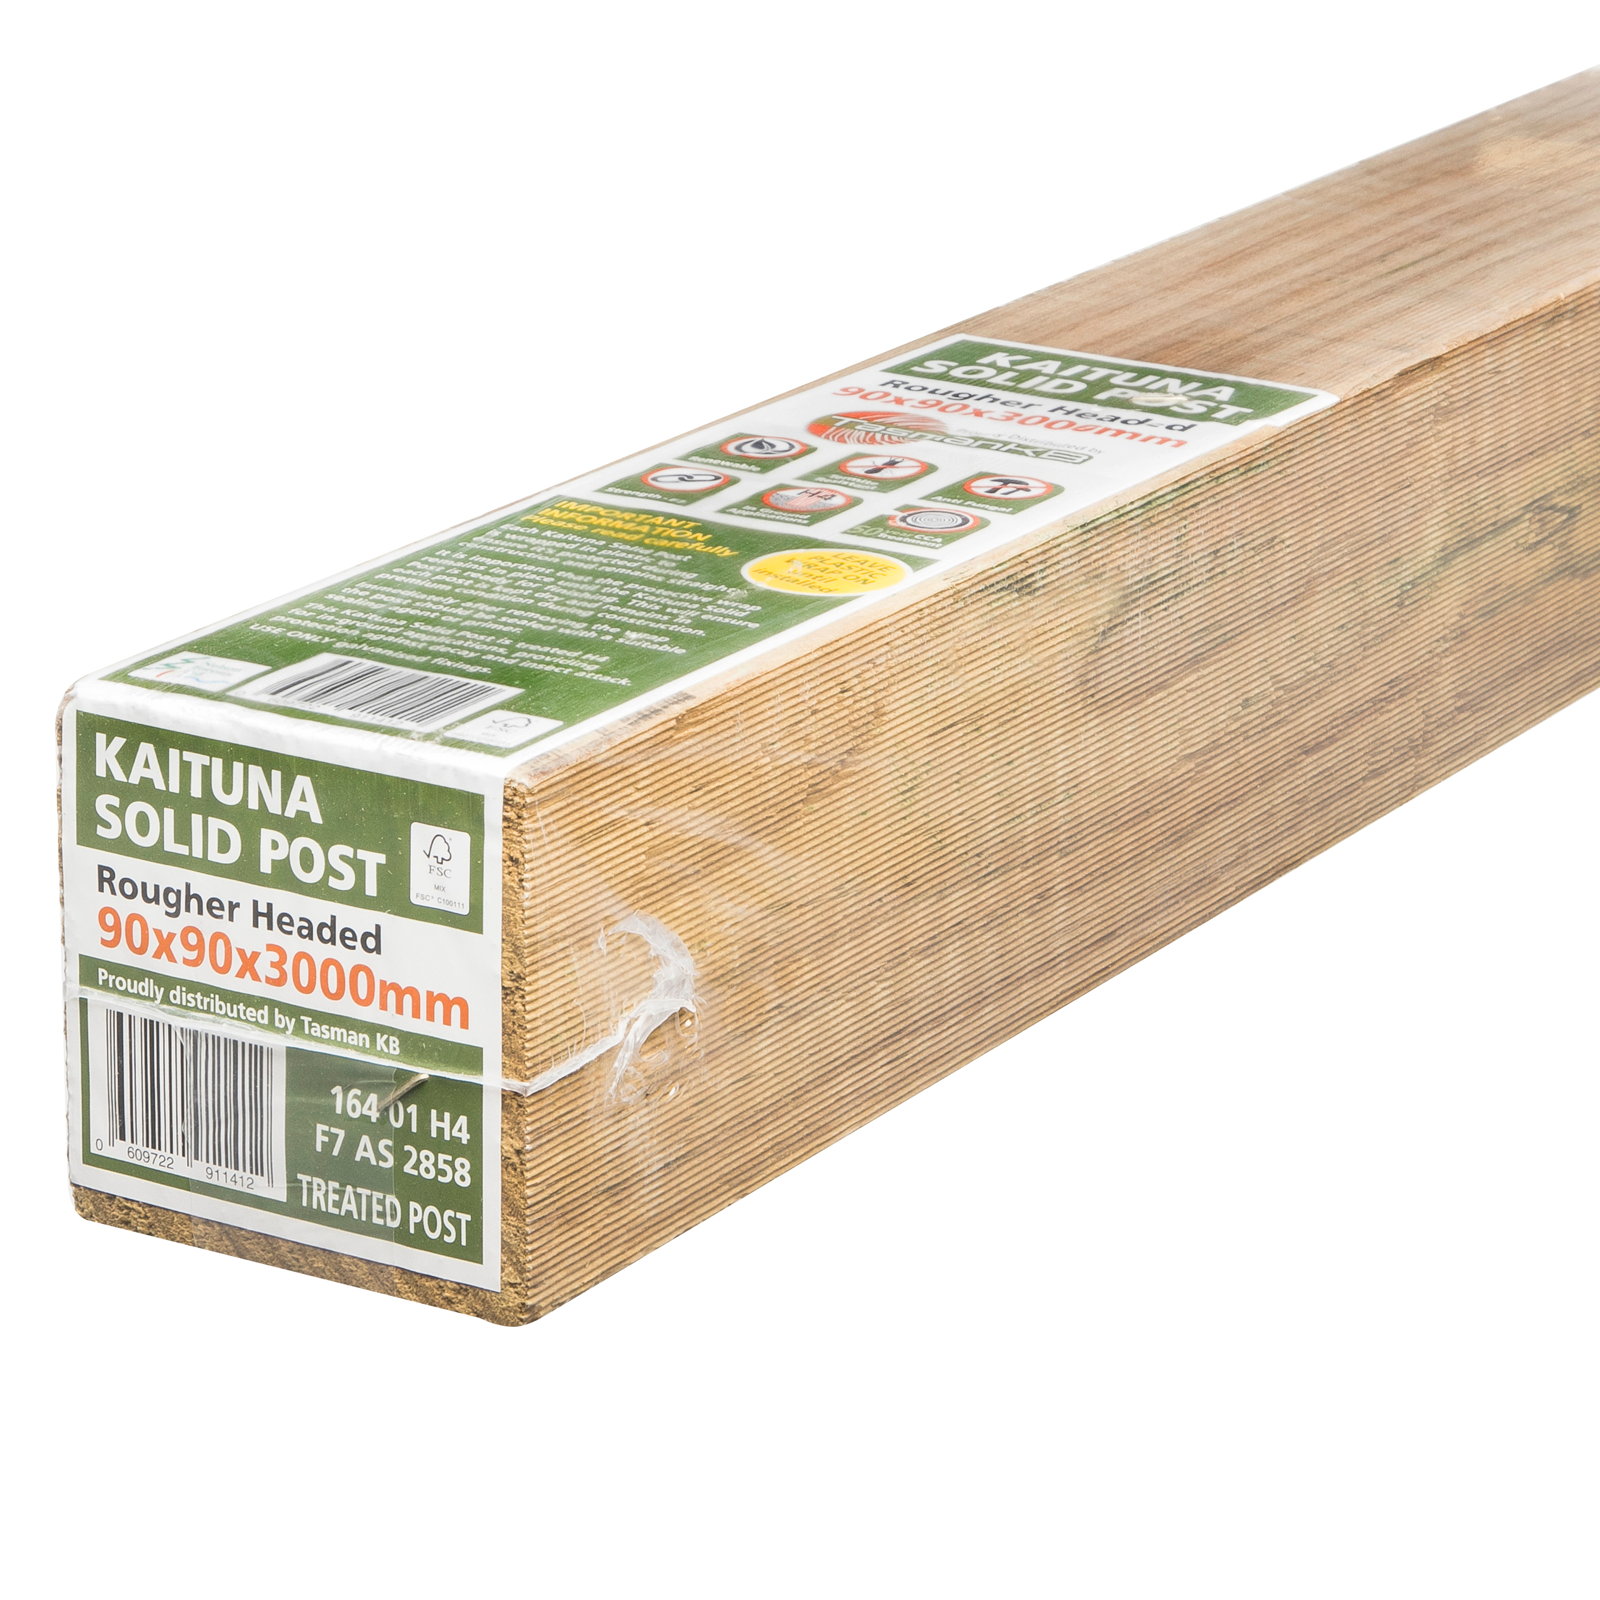 Tasman KB 90mm x 90mm x 3.0m Premium Wrapped F7 KD H4 RH Treated Pine